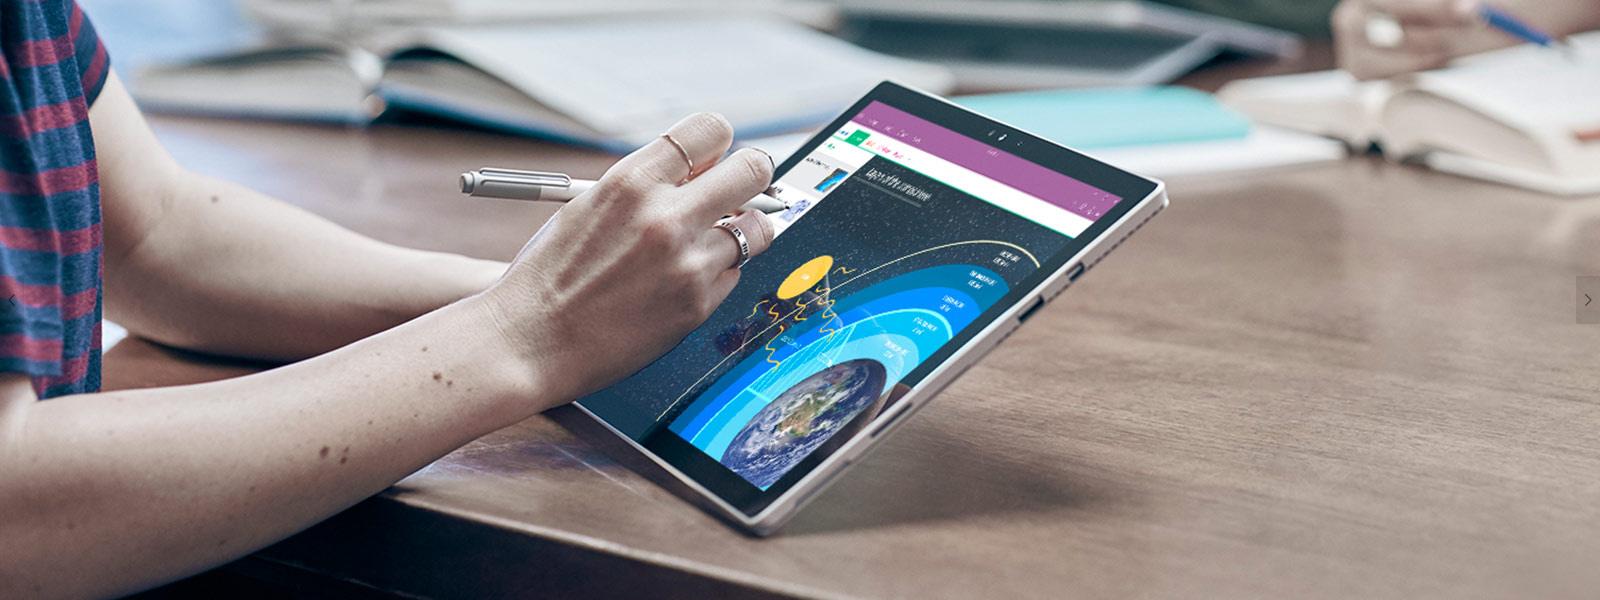 Une personne utilisant un stylet Surface sur un Surface Laptop en mode tablette.